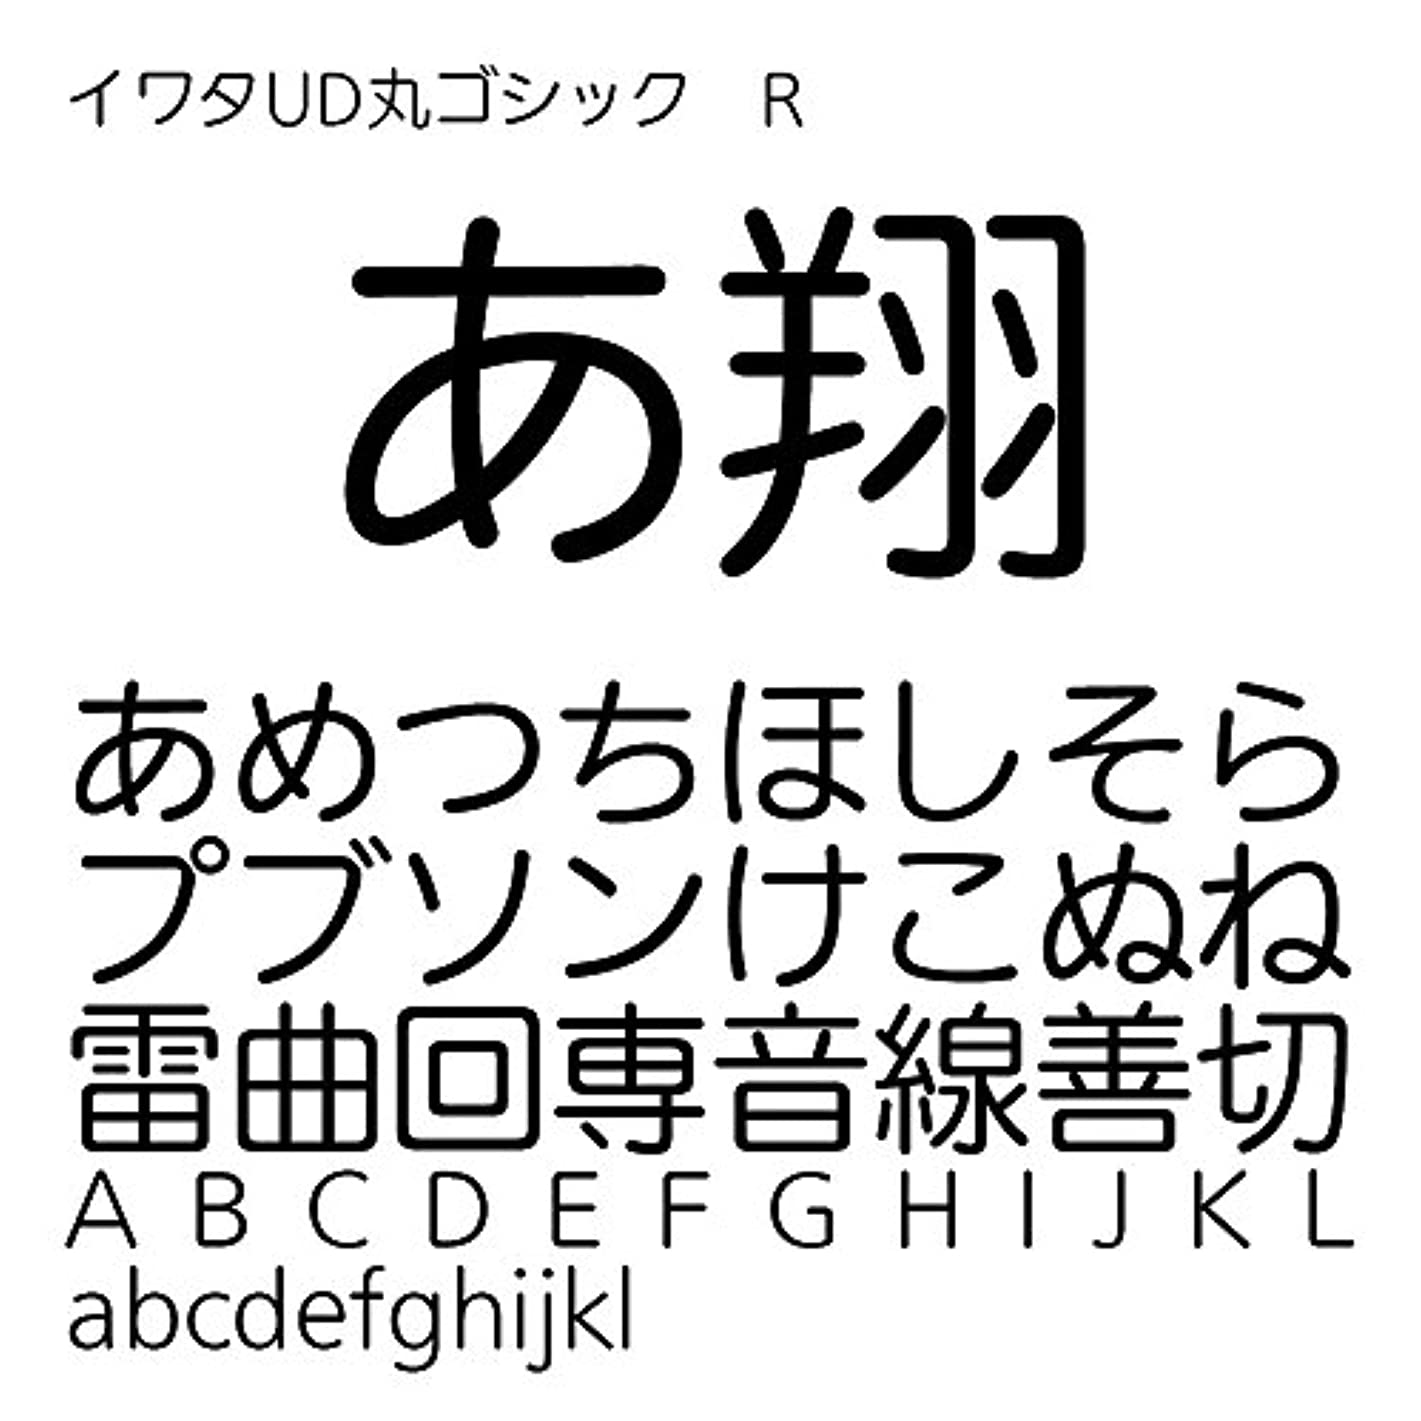 慎重に足首コットンイワタUD丸ゴシックR TrueType Font for Windows [ダウンロード]